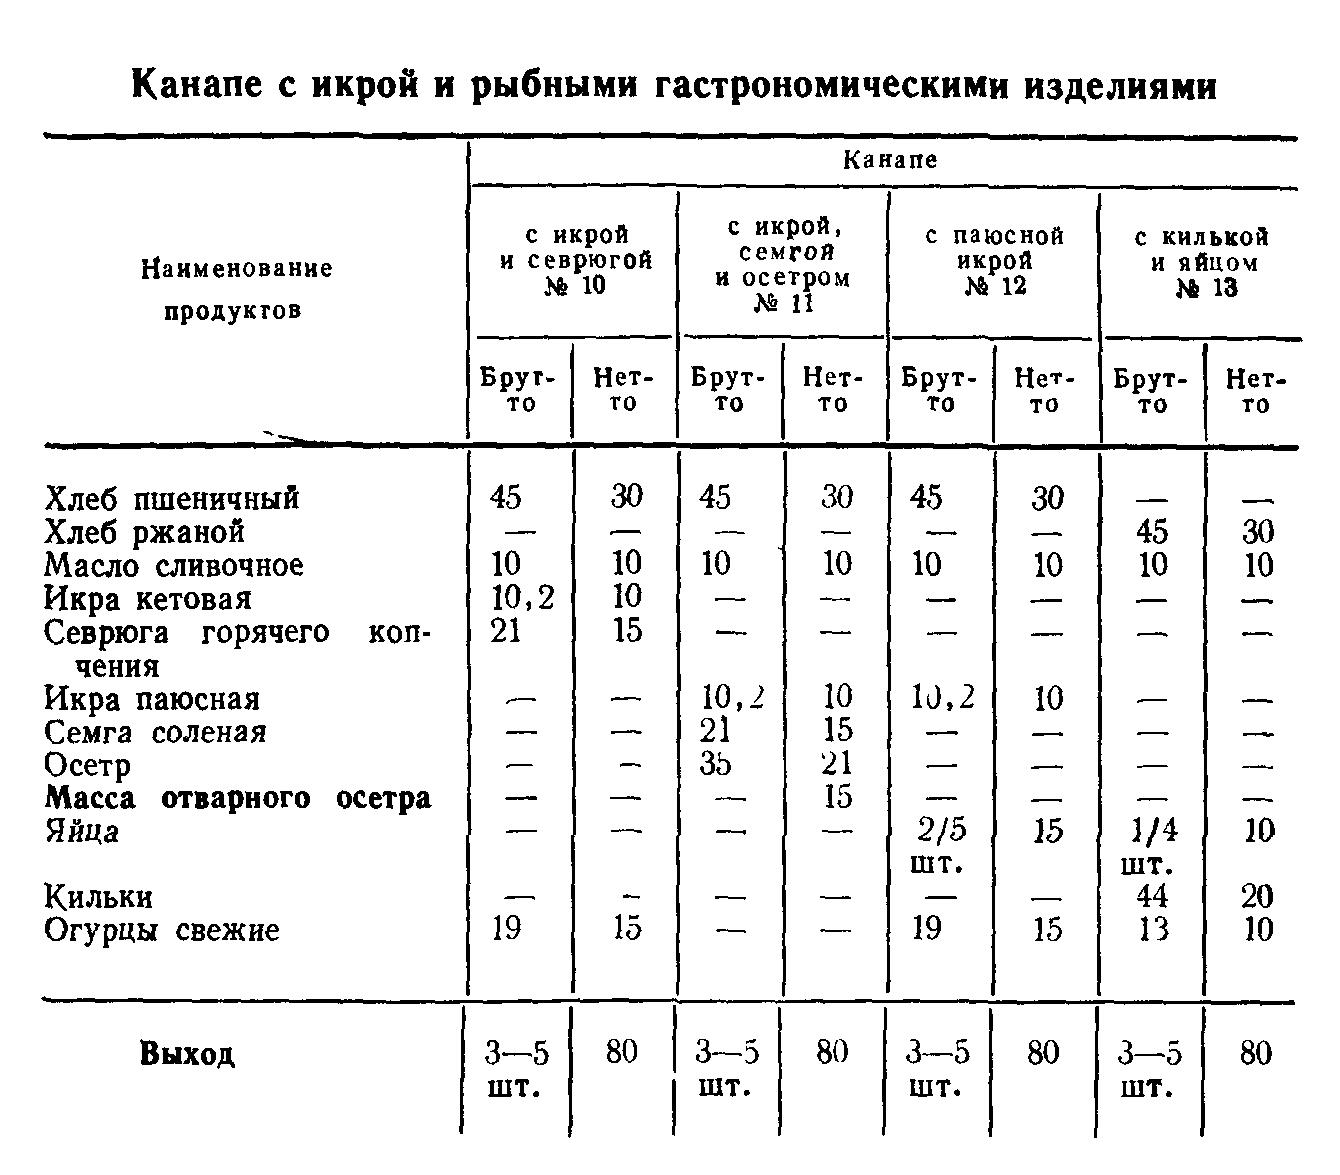 Канапе с икрой и рыбными гастрономическими изделиями (ТТК5393)